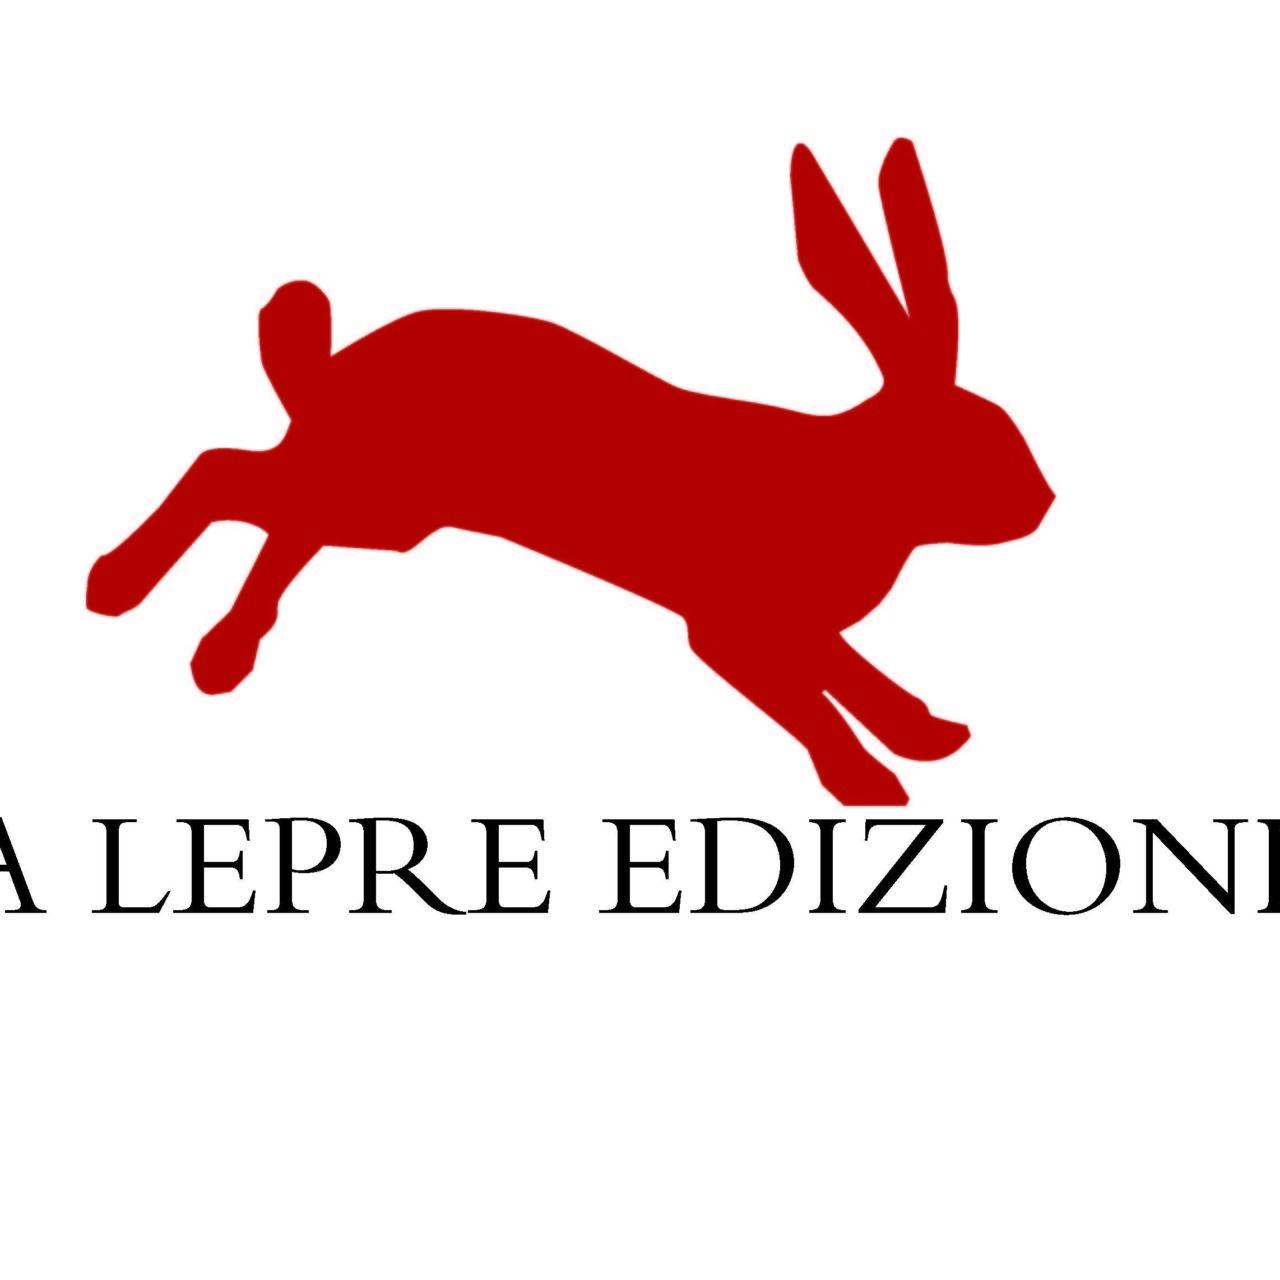 La Lepre Edizioni